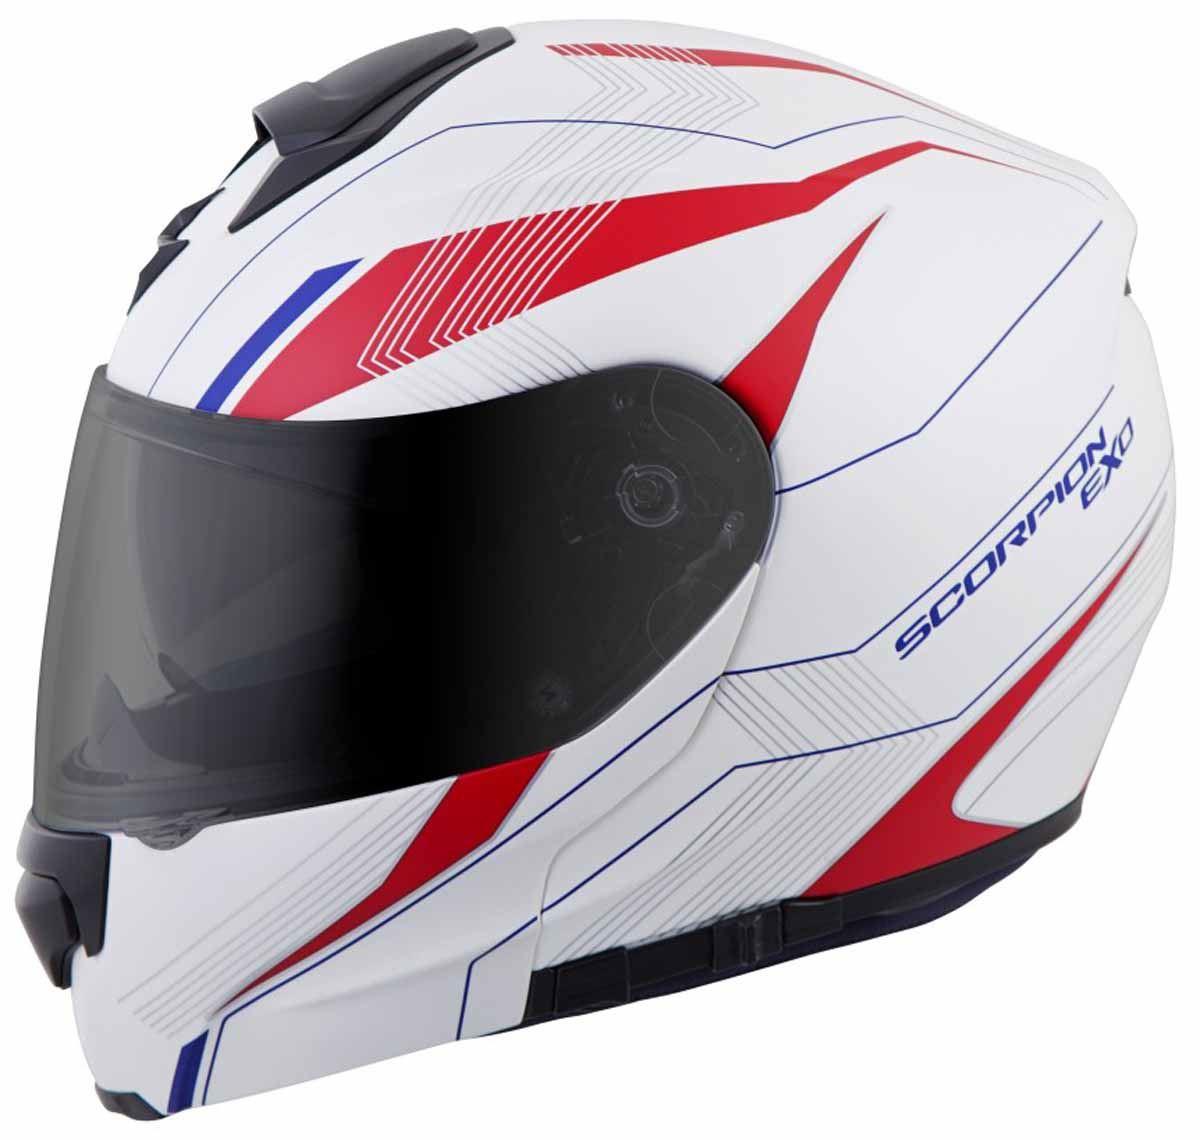 Scorpion-EXO-GT3000-Helmet-Modular-Flip-Up-Premium-DOT-Approved-XS-2XL miniature 25